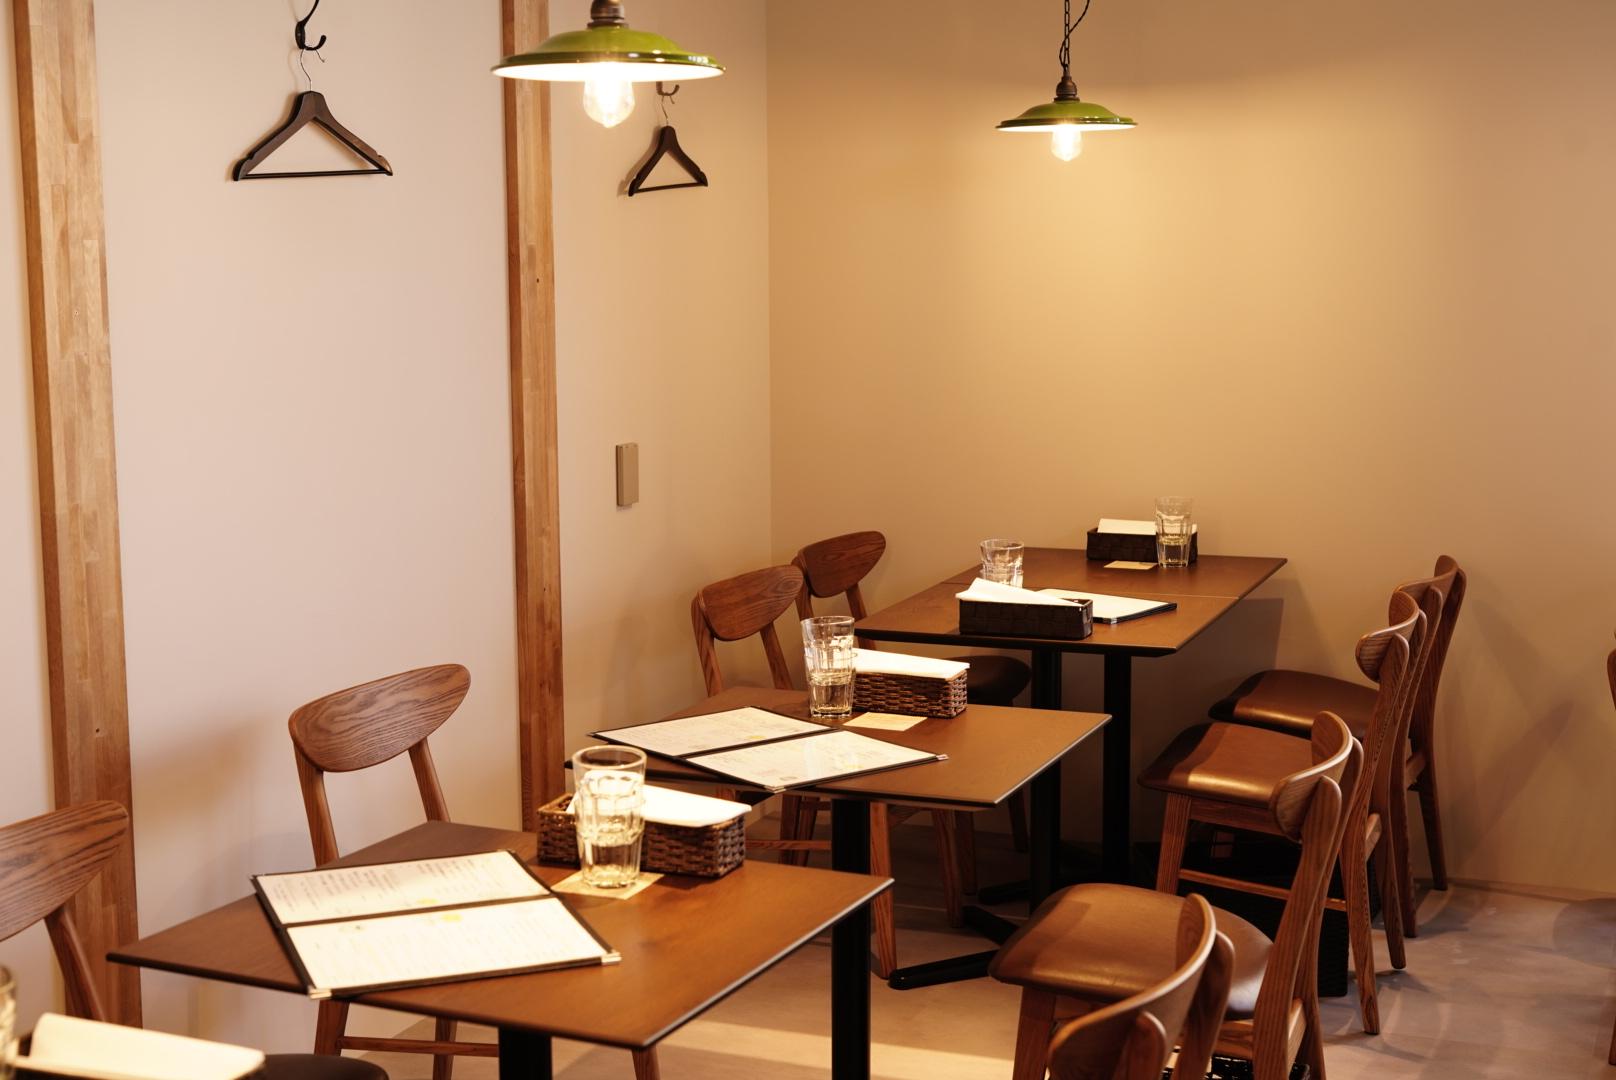 名鉄瀬戸線・高架下の新スポット「SAKUMACHI商店街」に12店舗がオープン! - 6BE0C520 BE1E 4729 904F 9AEF0255FF15